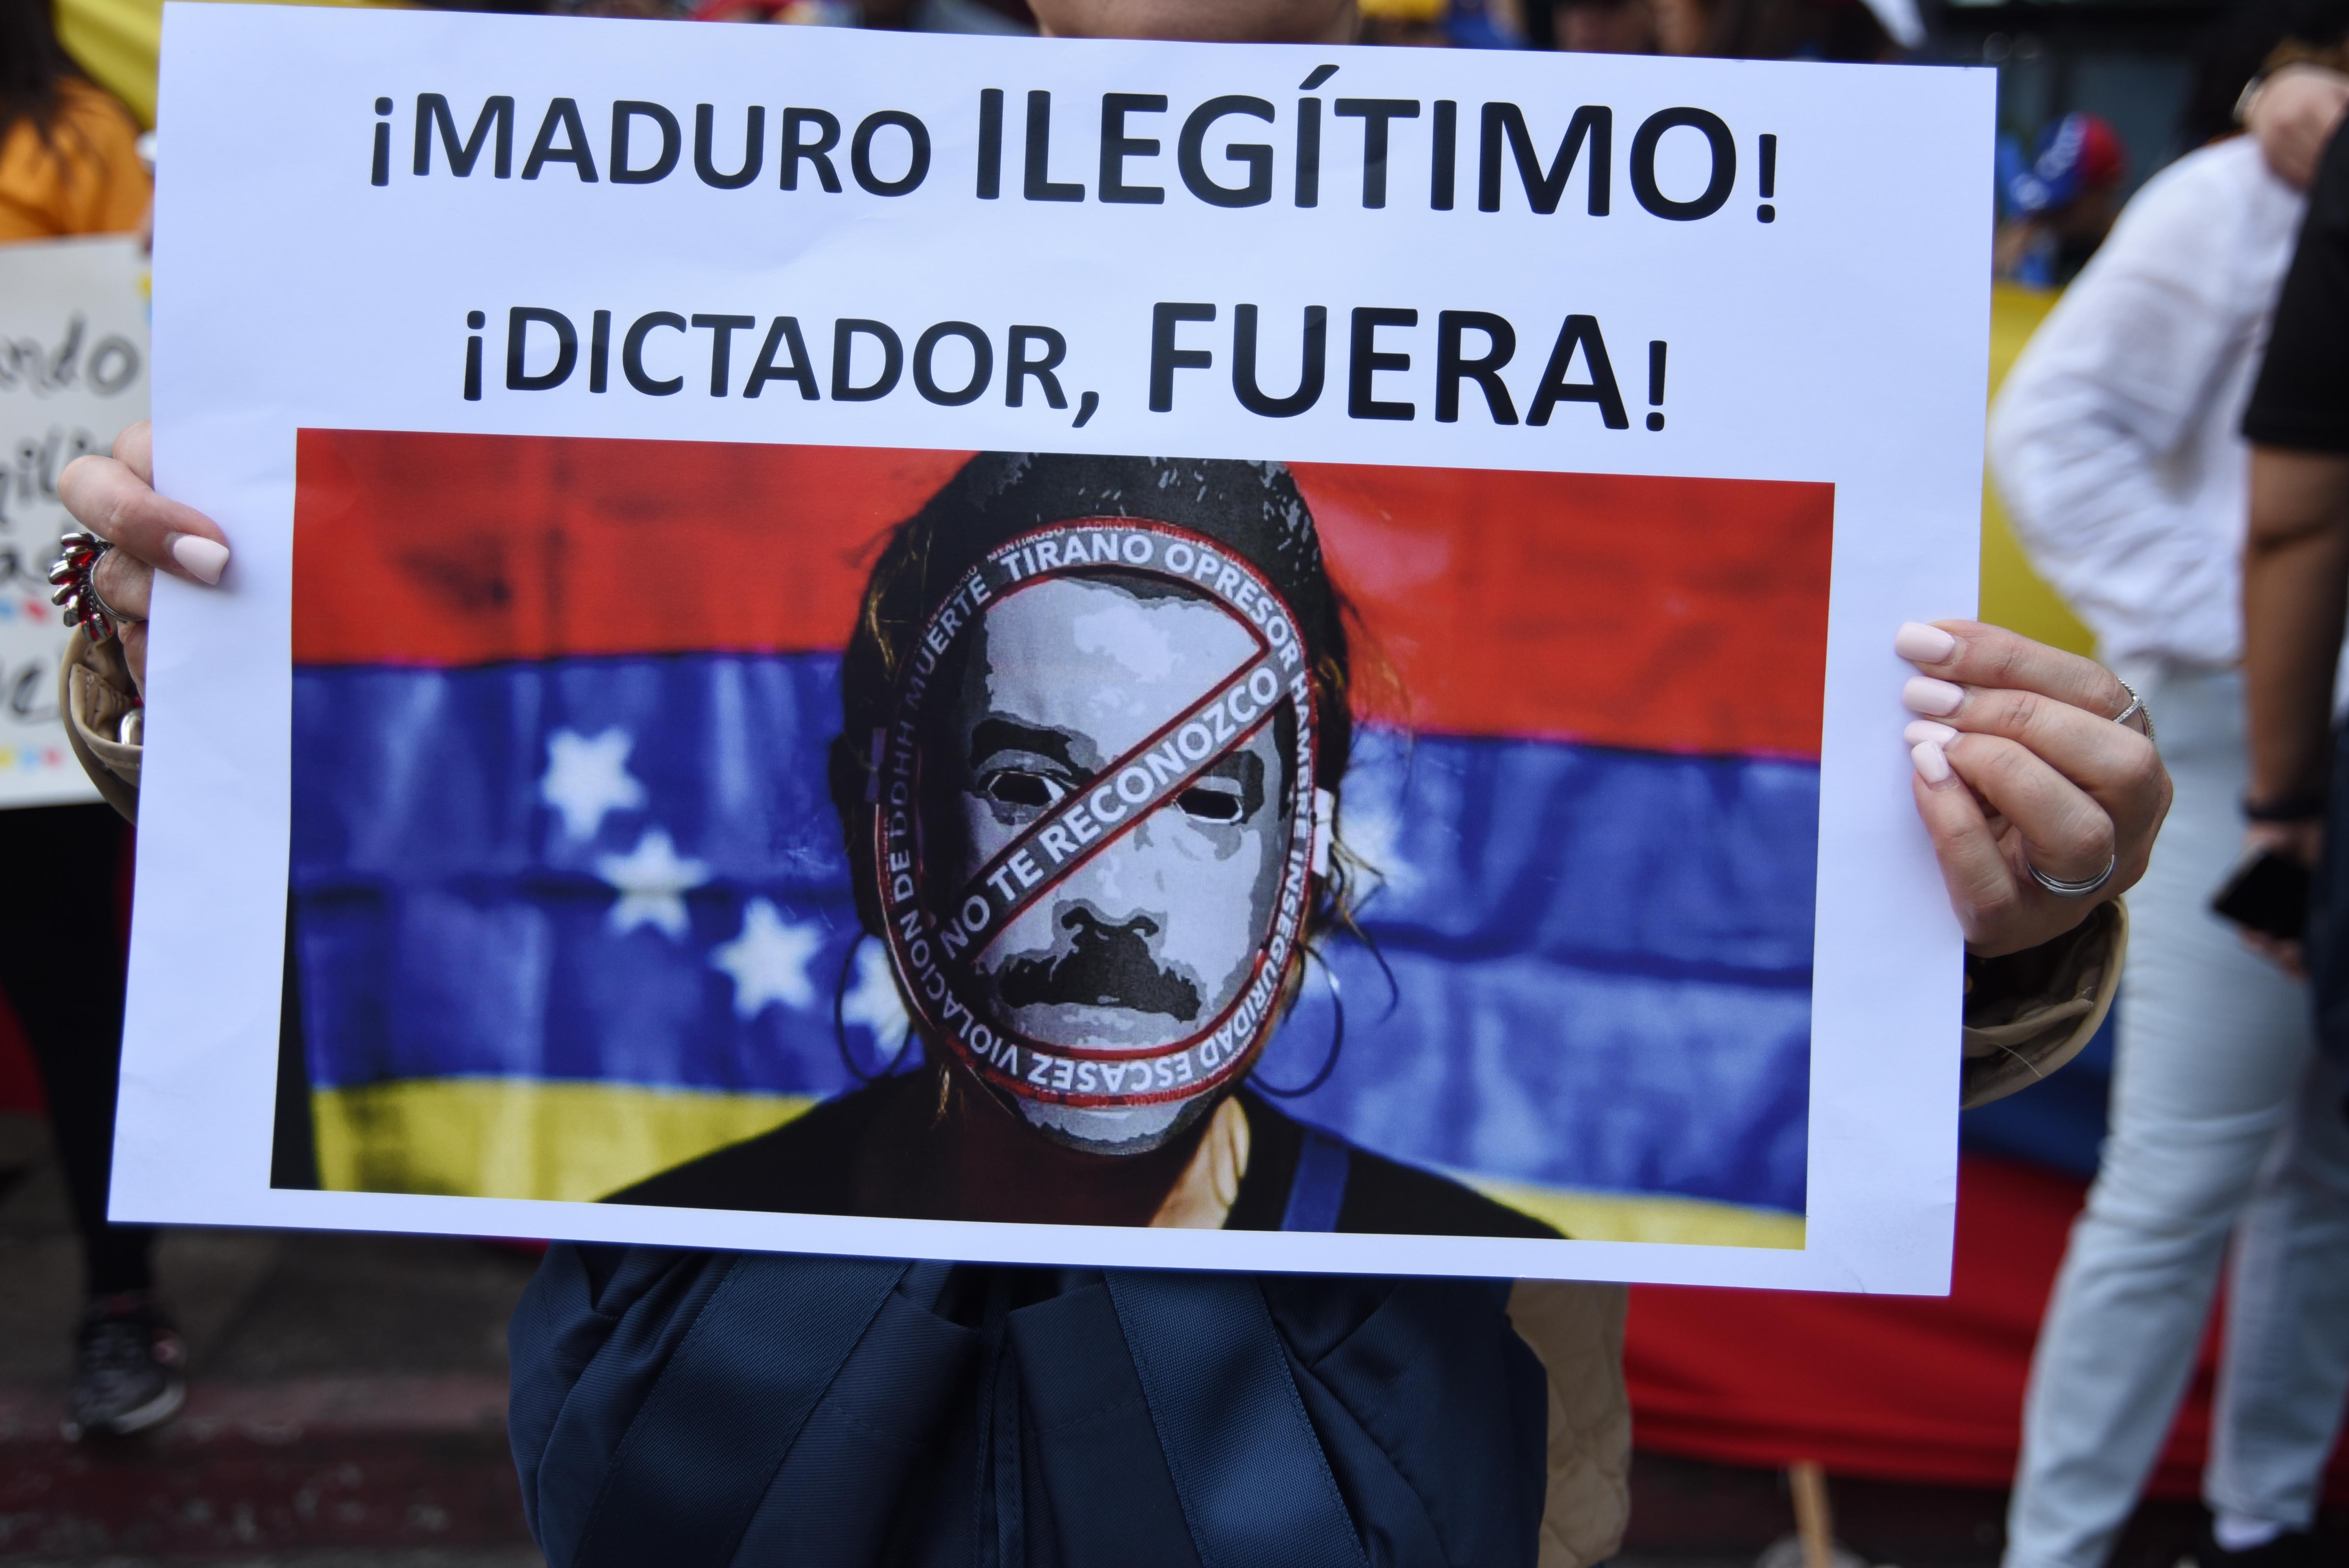 Az EU nemzetközi kontaktcsoporttal akarja segíteni a venezuelai válság megoldását